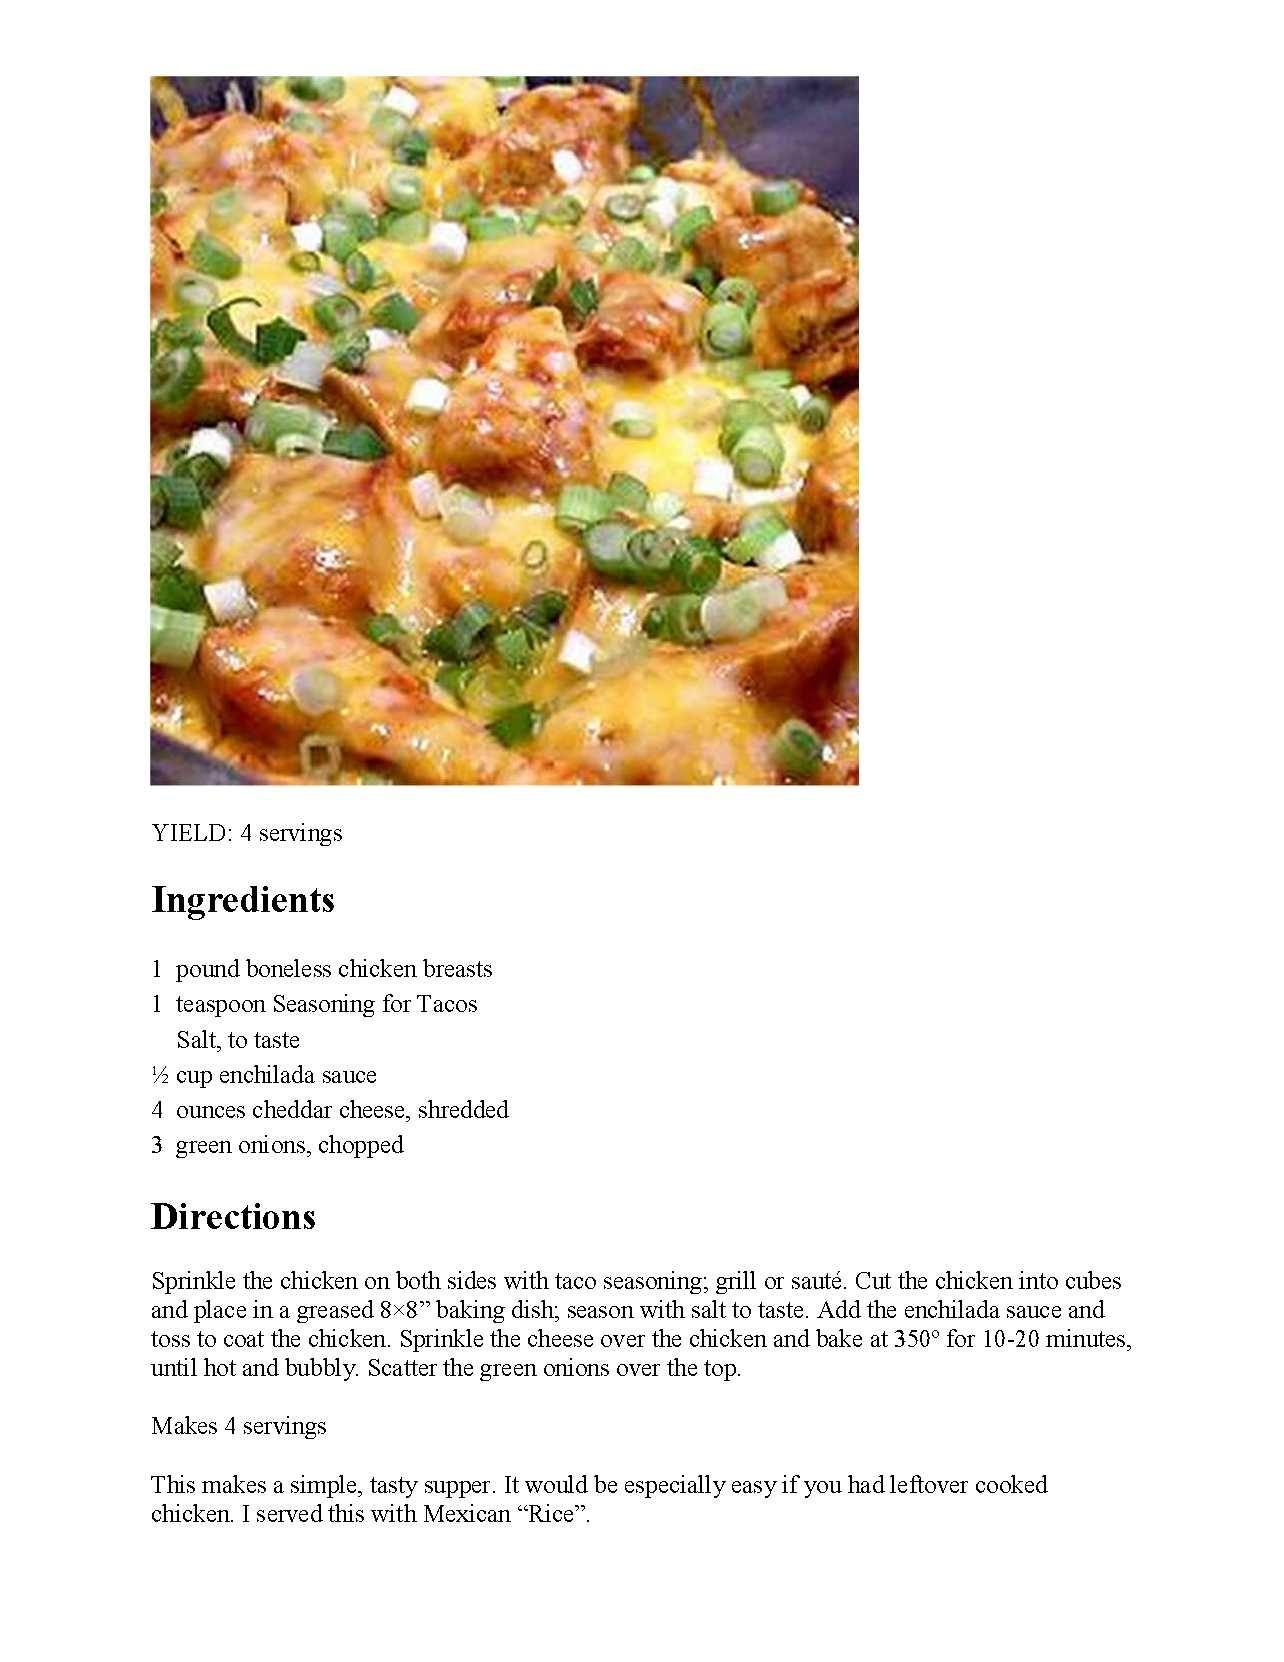 So many chicken recipes...